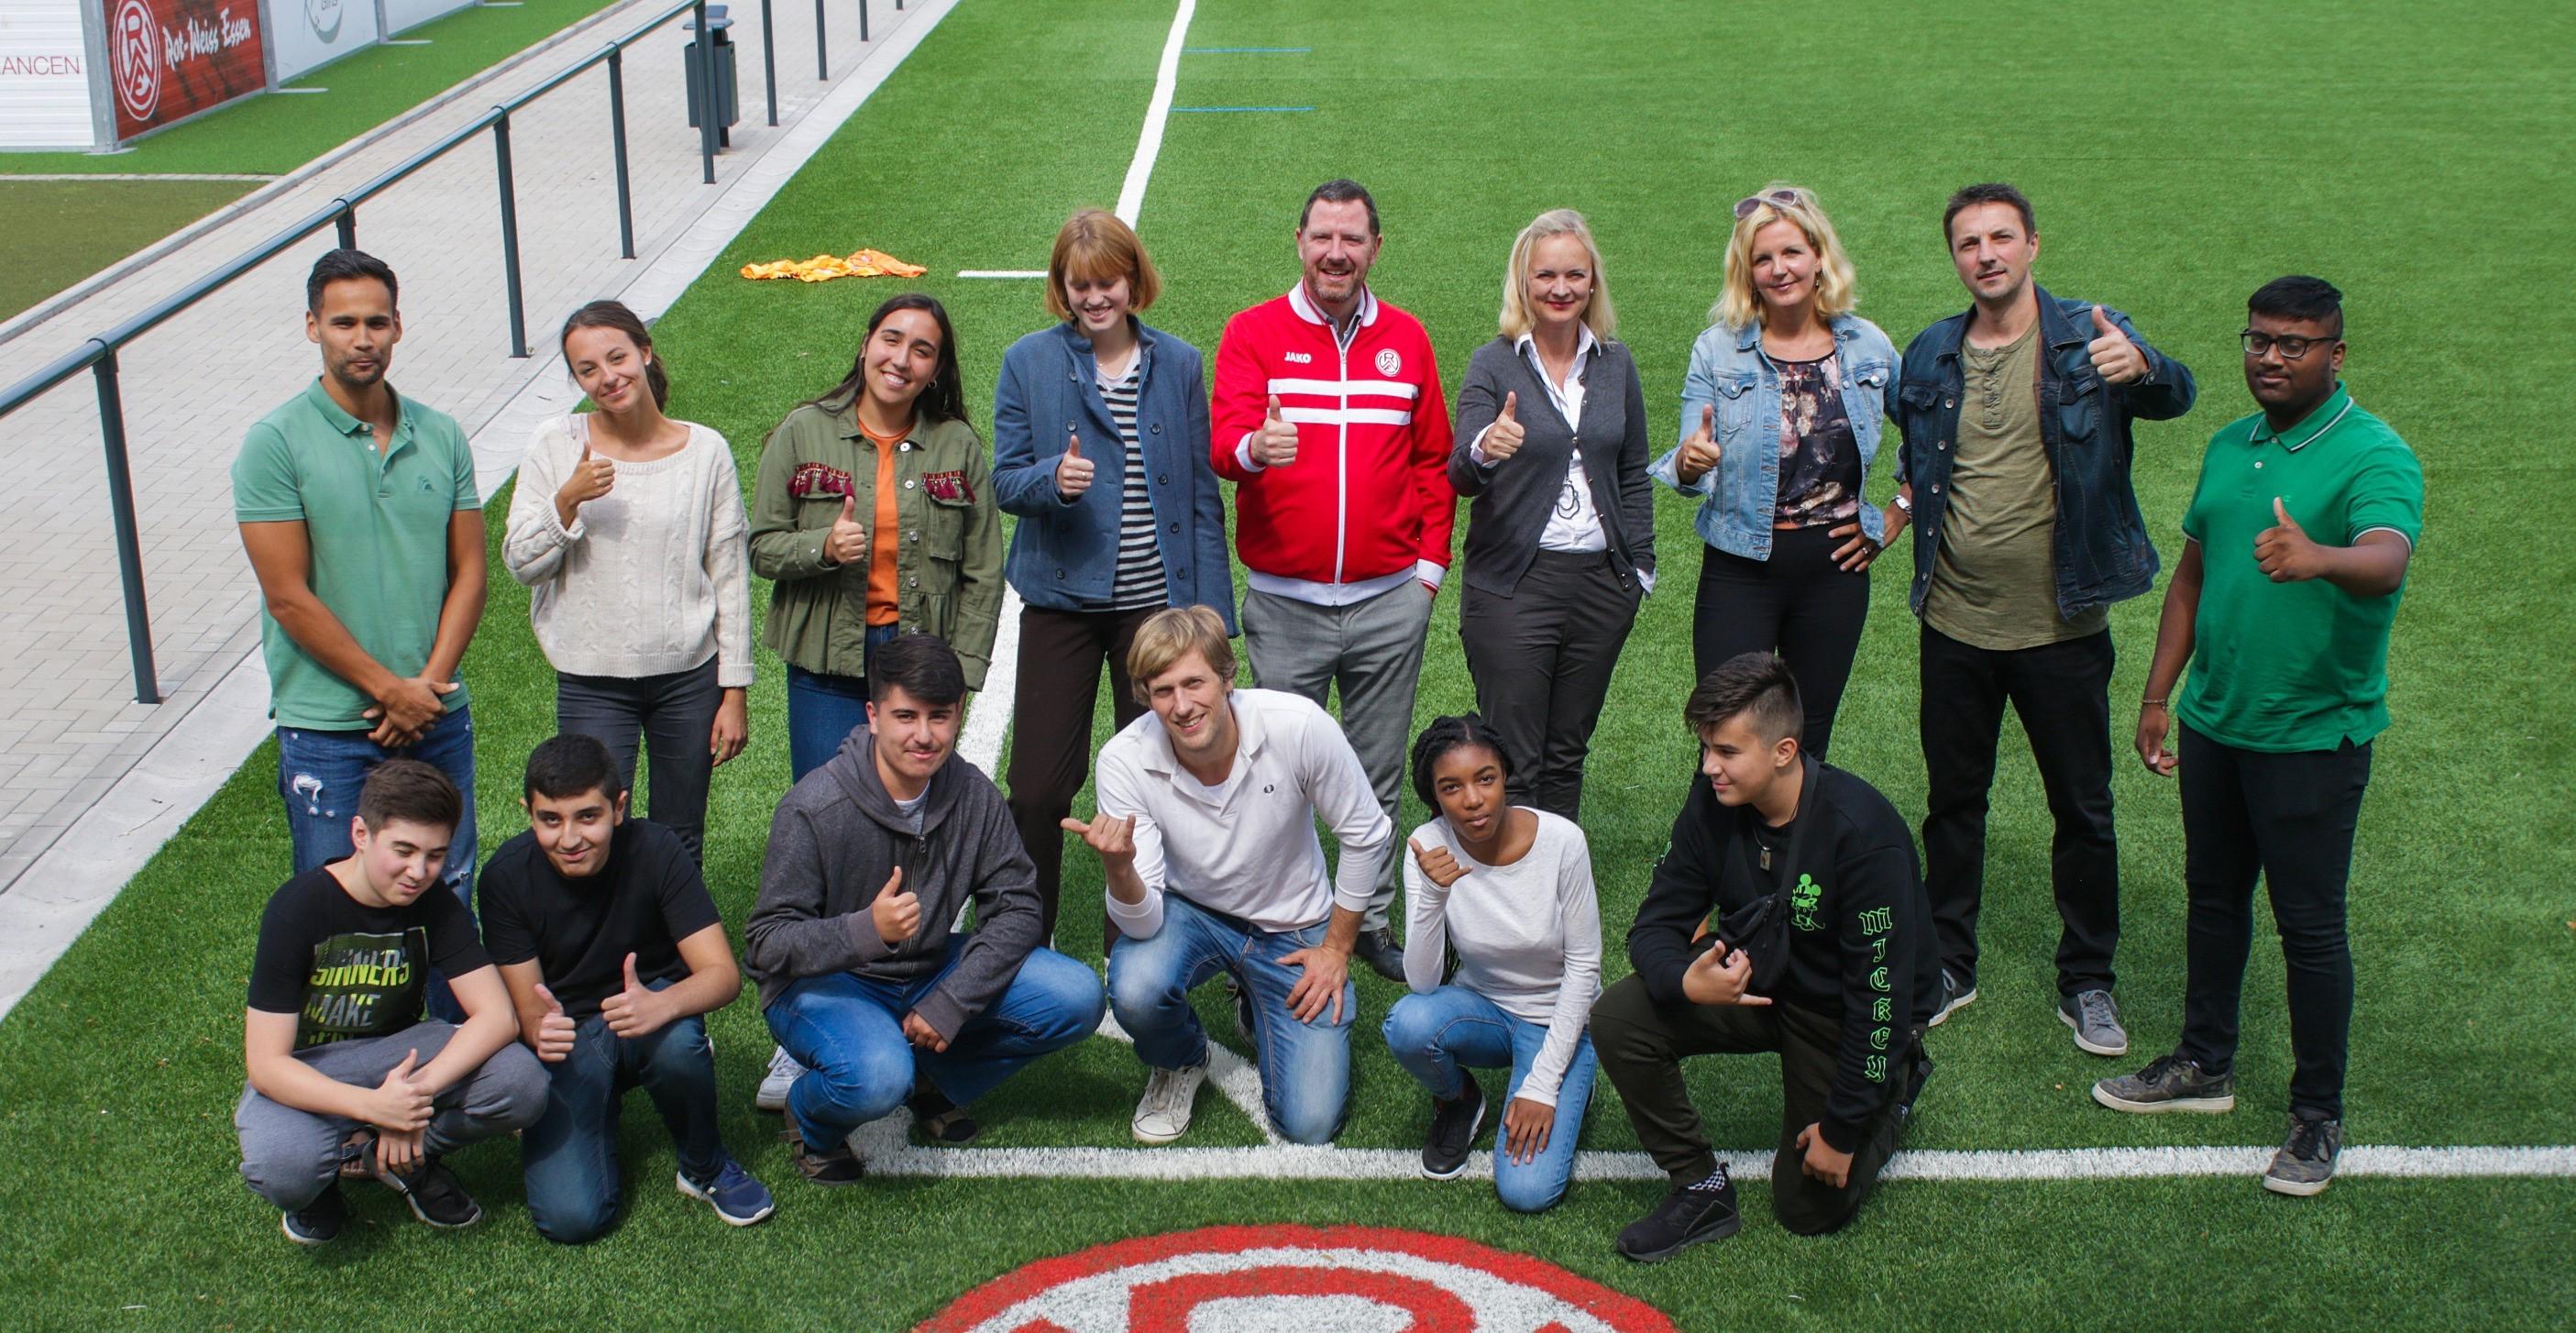 Daumen hoch! Im vergangenen Jahr bestanden alle 15 Sommerschülerinnen und -schüler ihre Nachprüfungen. Archivfoto: Müller/EC